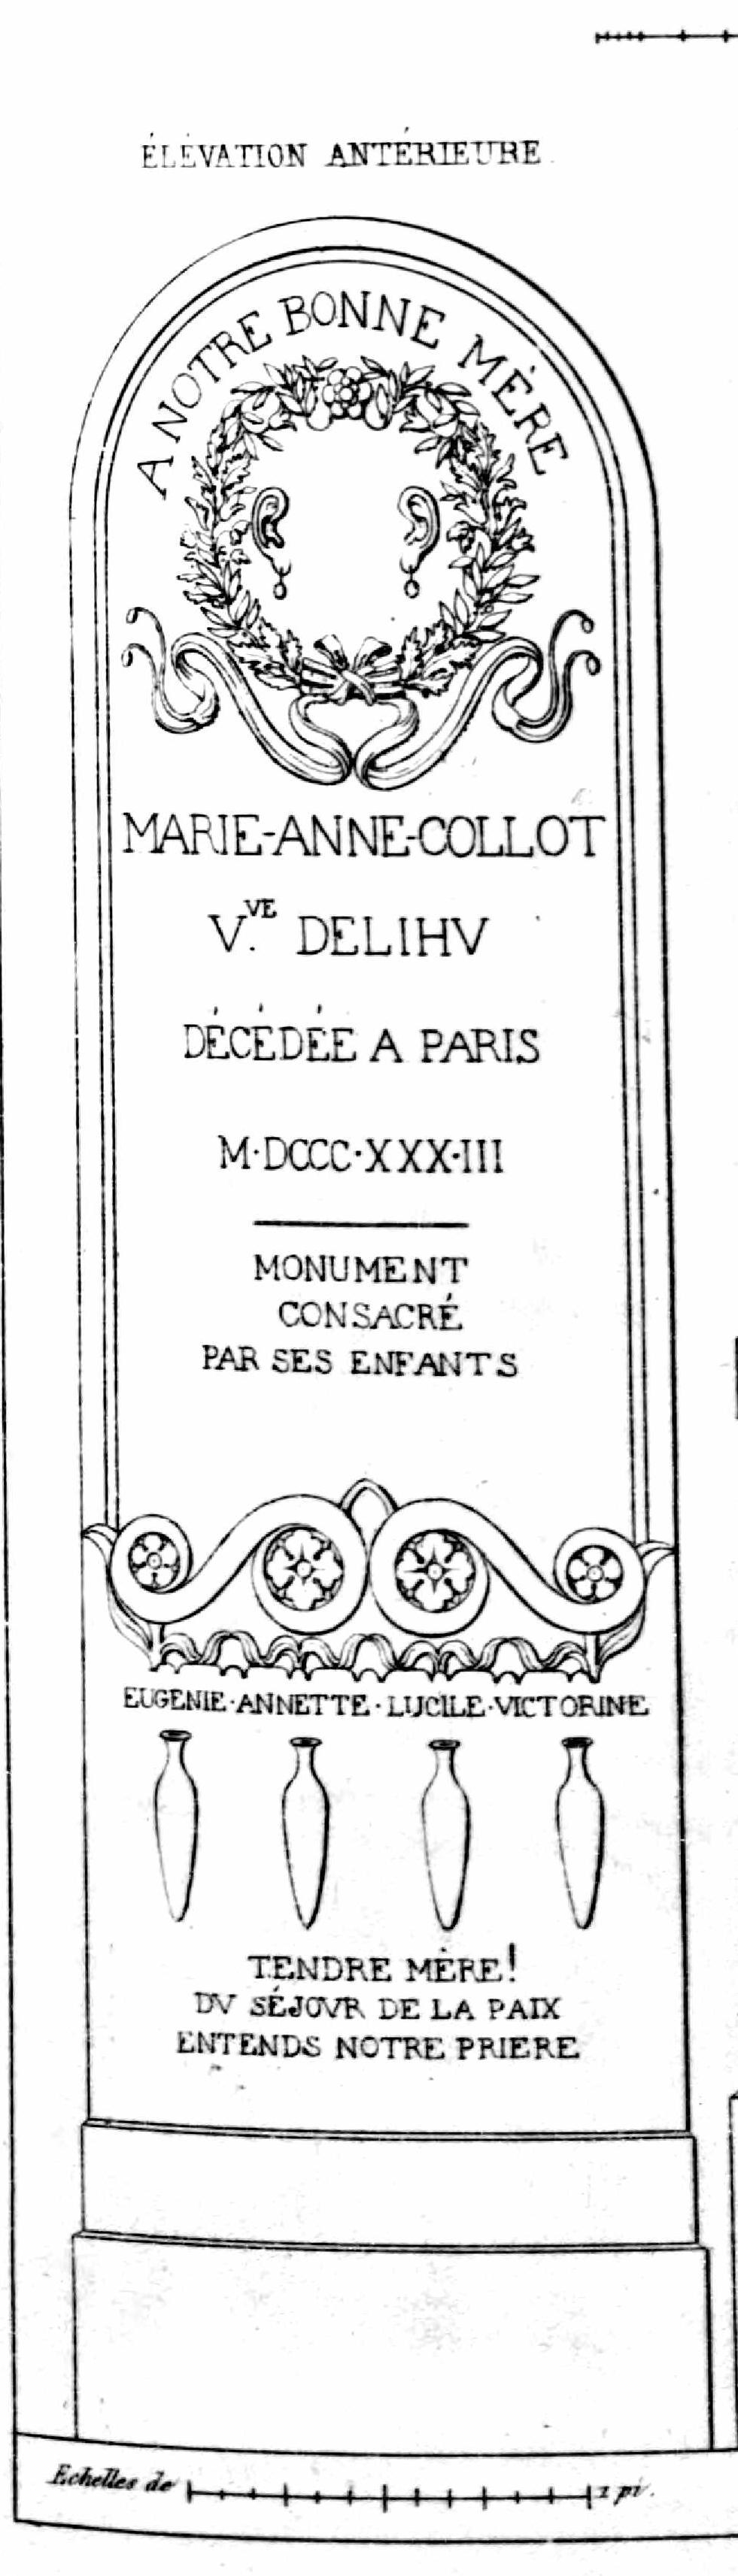 Monuments funéraires choisis dans les cimetières de Paris et des principales villes de France,  2nd part, 1863, by L. Normand ainé plate 14